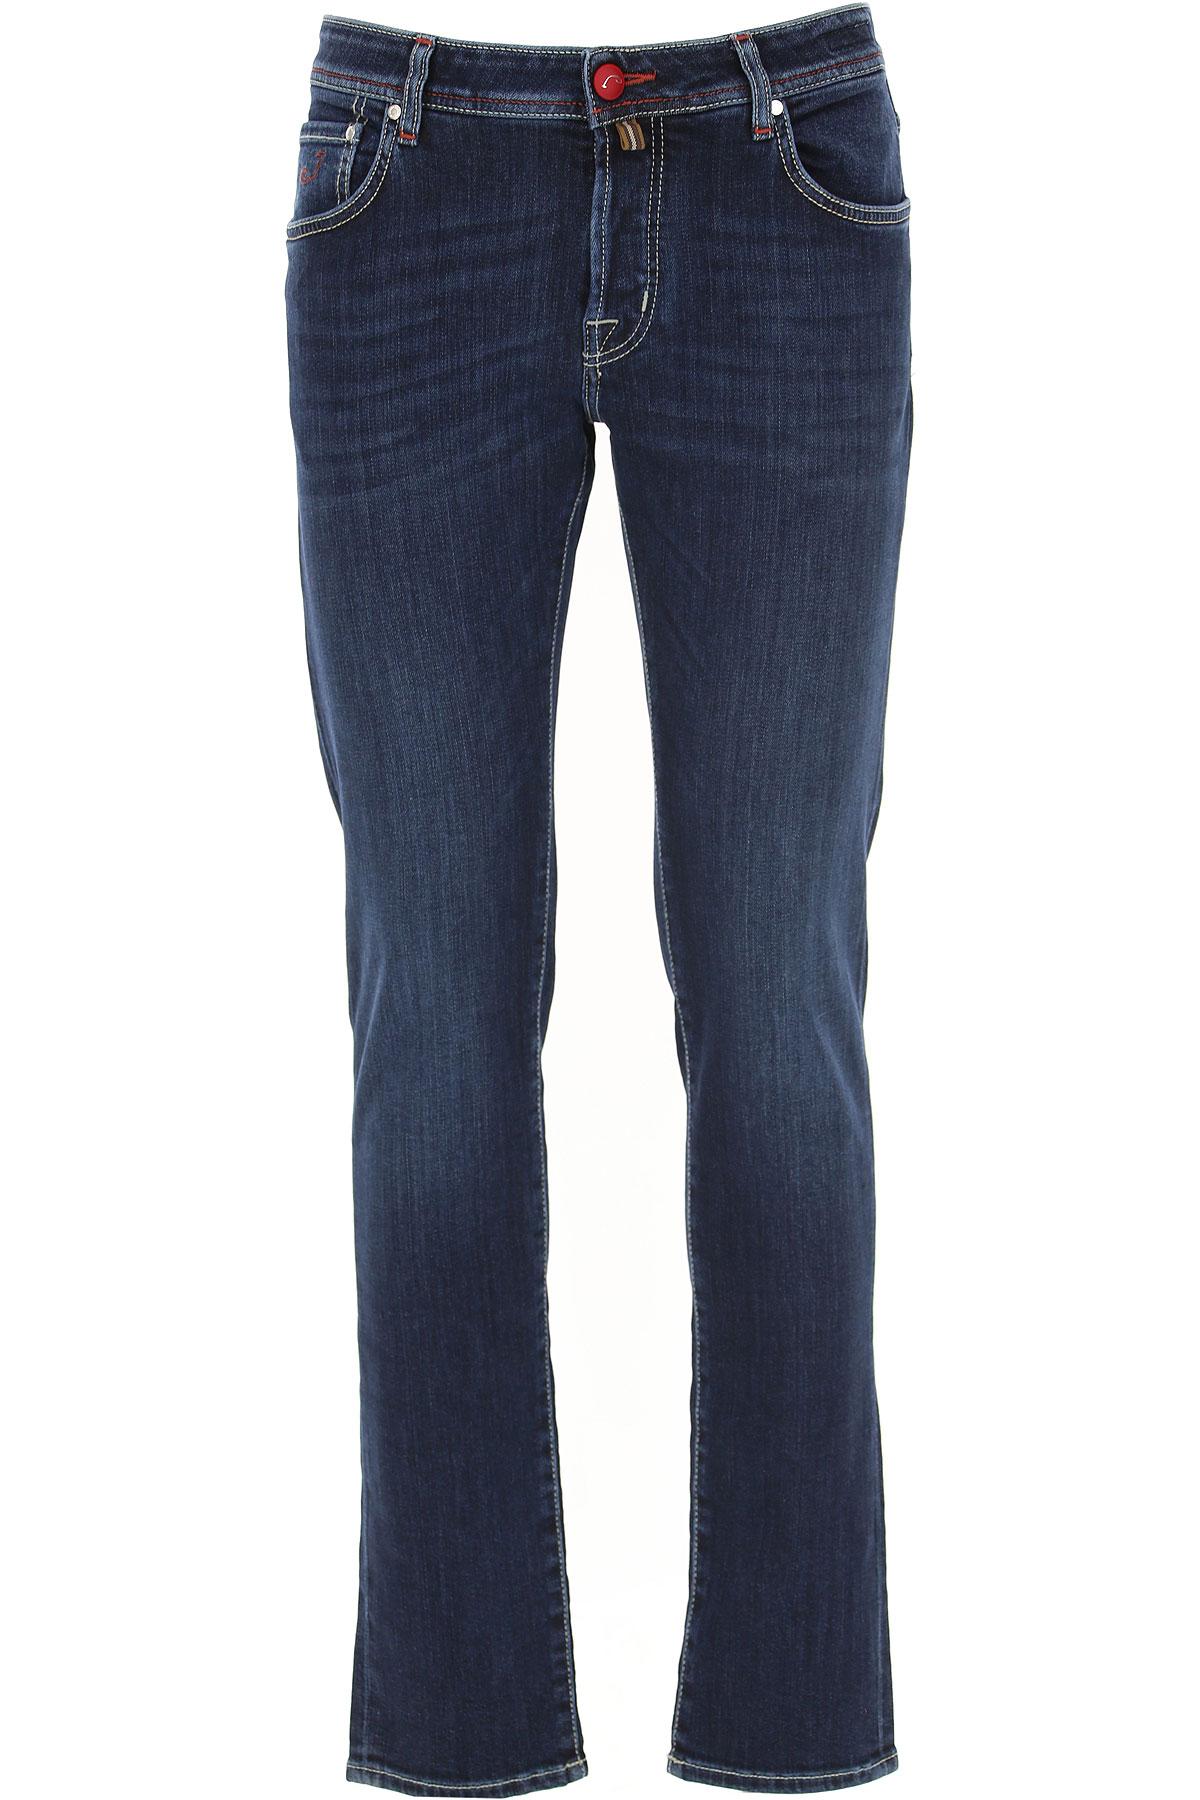 Jacob Cohen Jeans On Sale, Blue, Cotton, 2019, 31 32 33 35 36 38 40